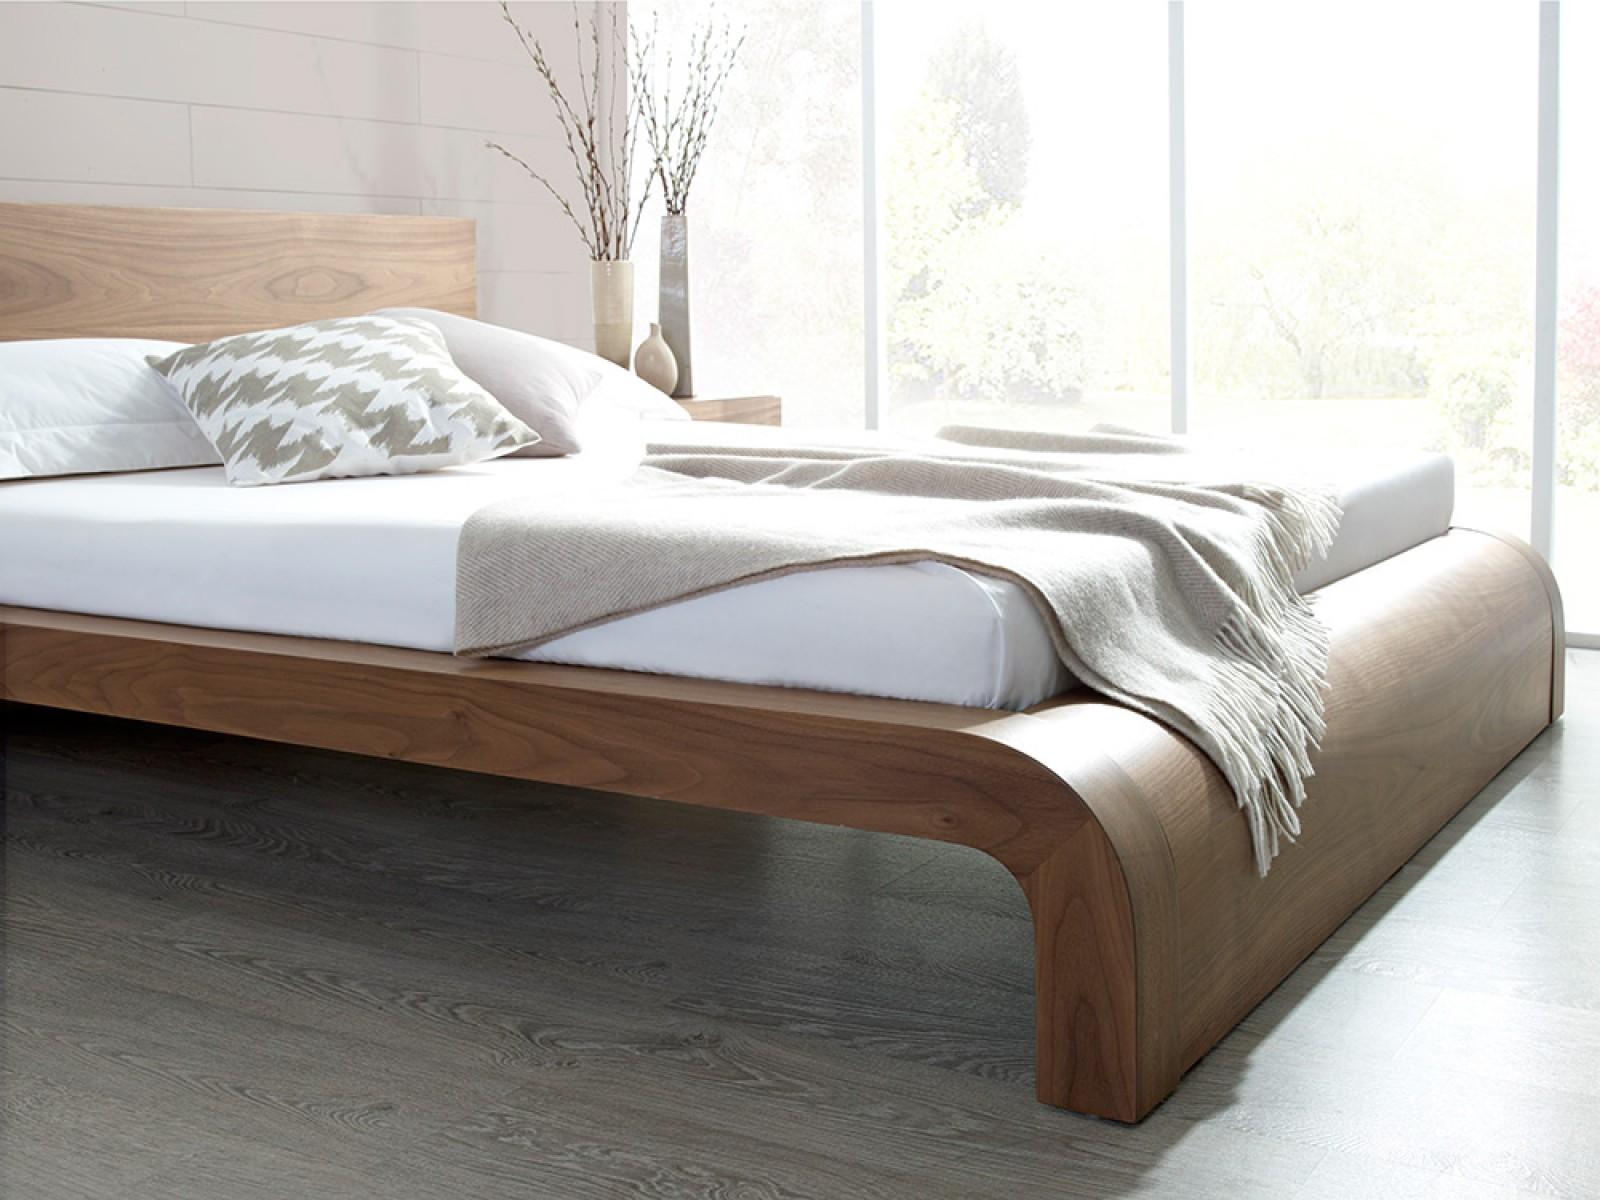 Кровать из ореха в стиле модерн